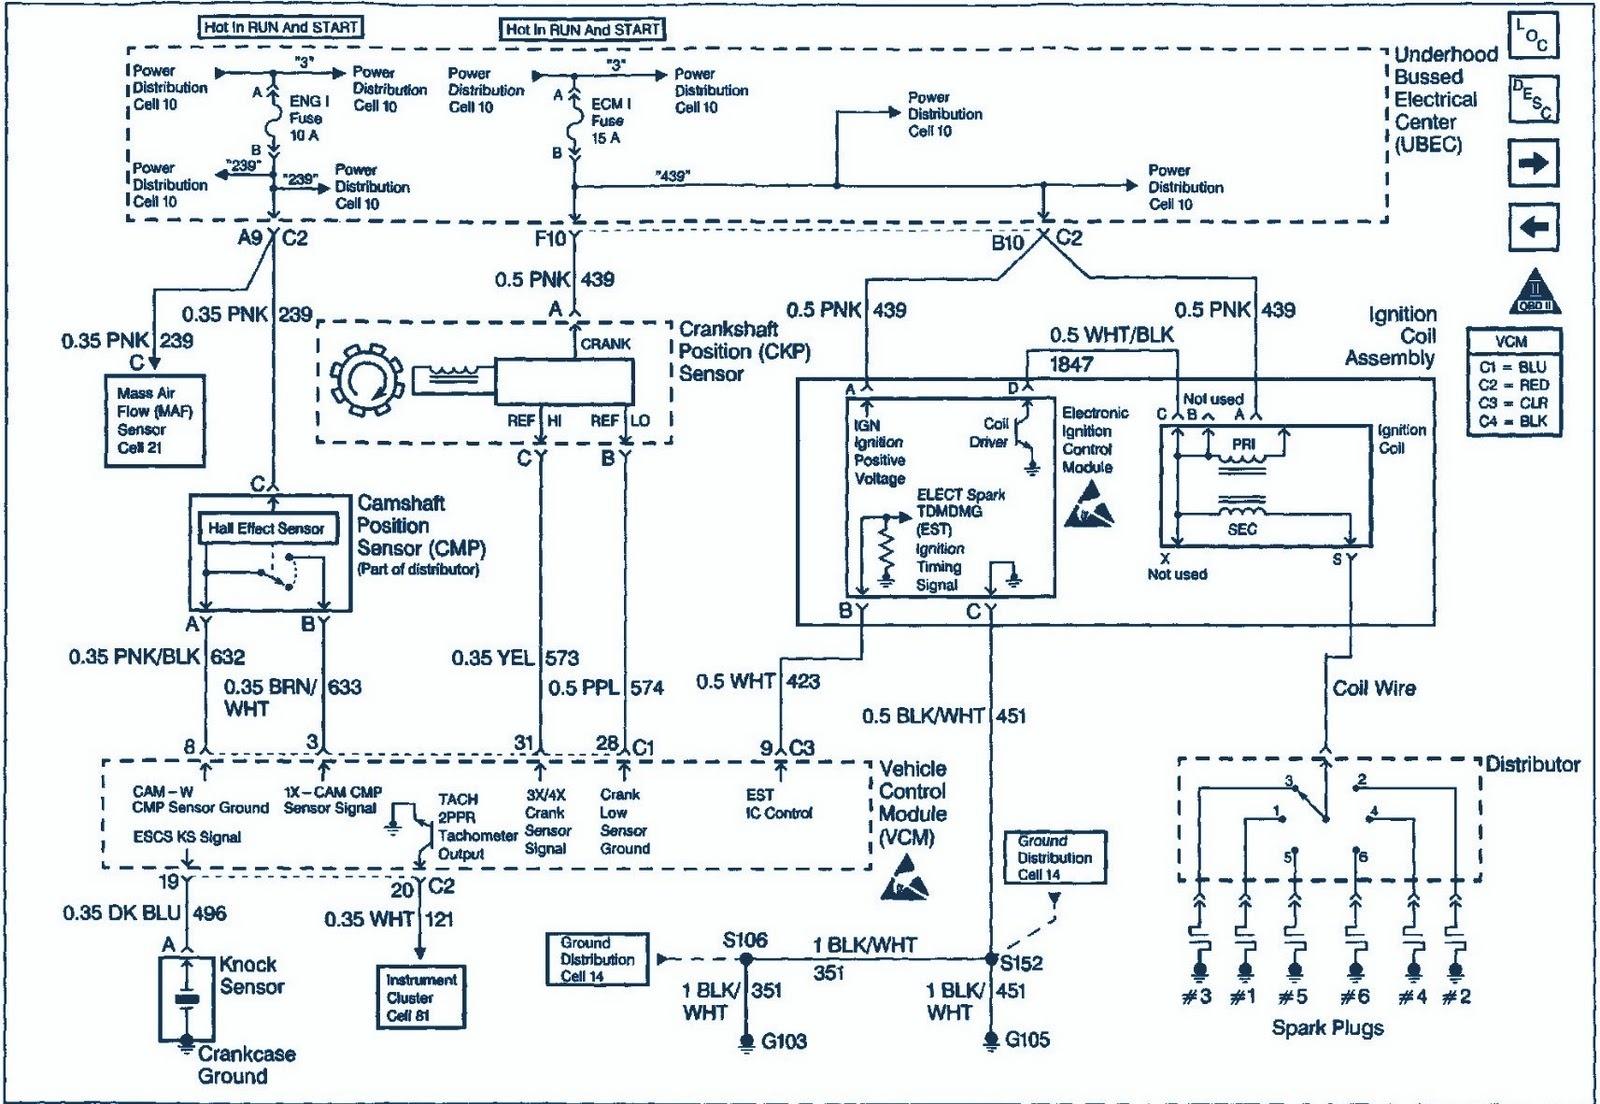 alpine iva d310 wiring diagram  | 175 x 247